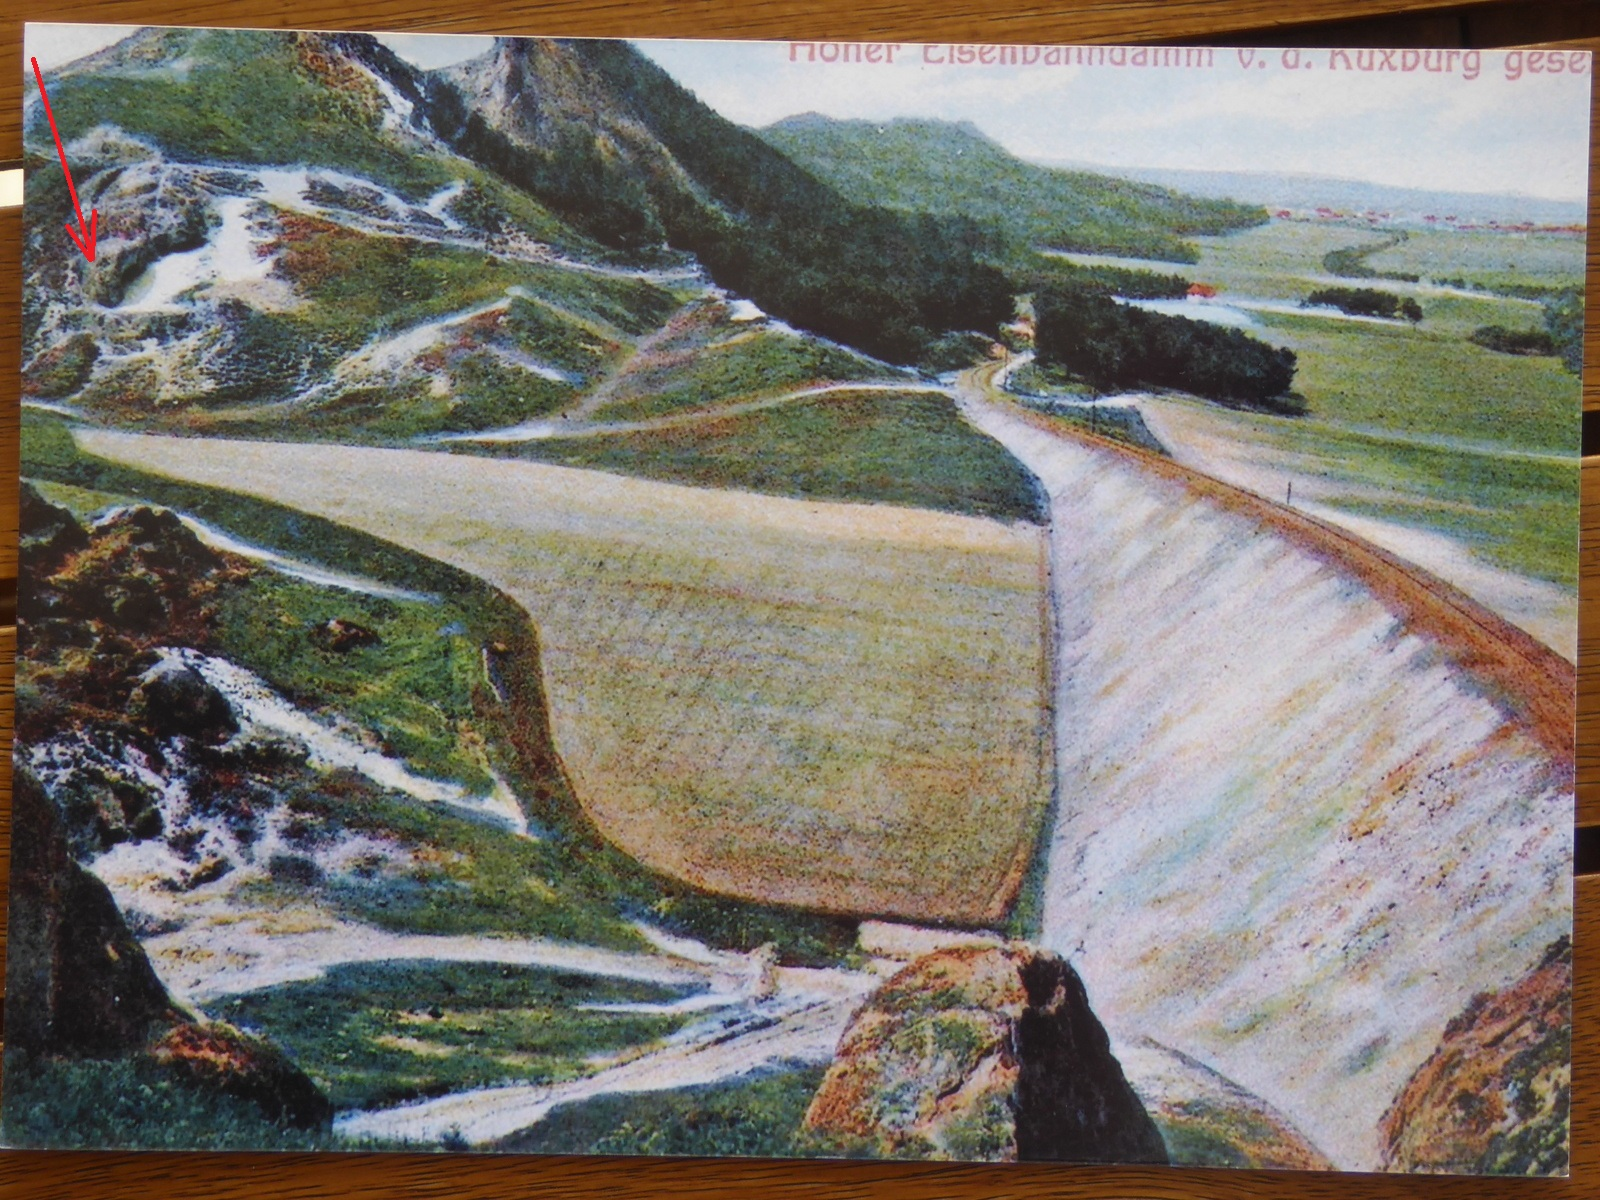 Historische Ansichtskarte mit dem Sandlauf